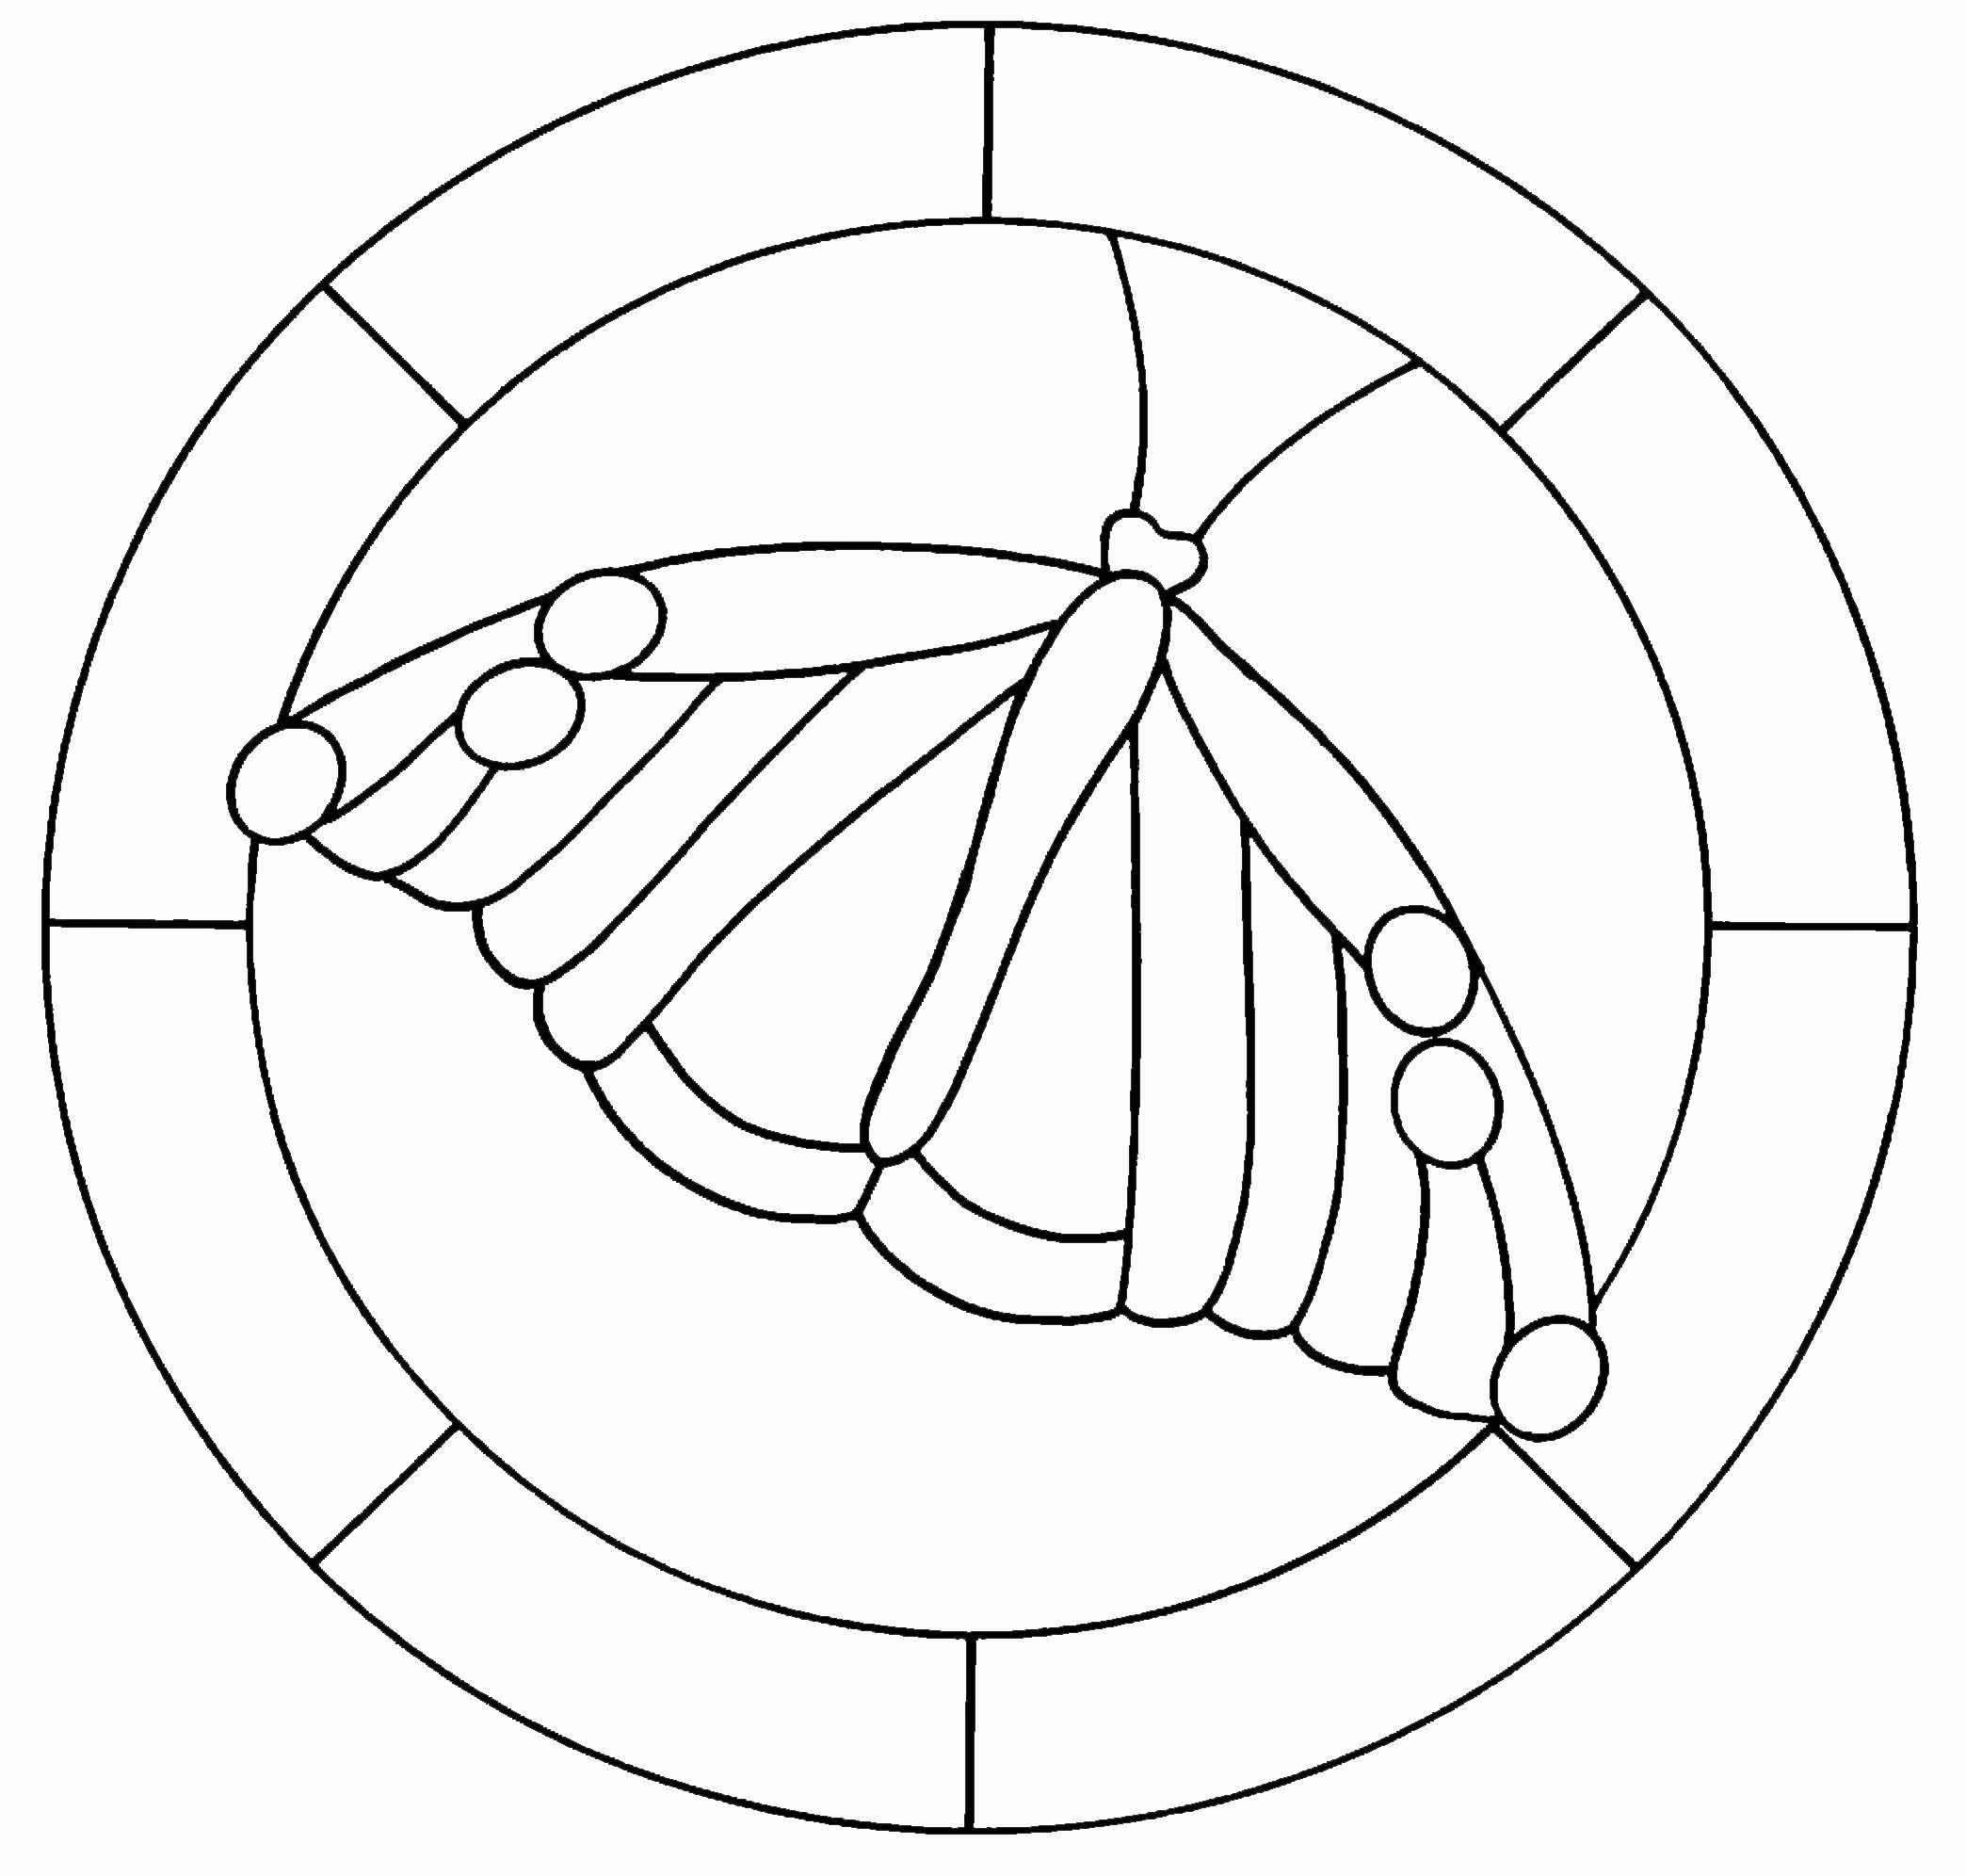 Трафареты для мозаики своими руками шаблоны 819